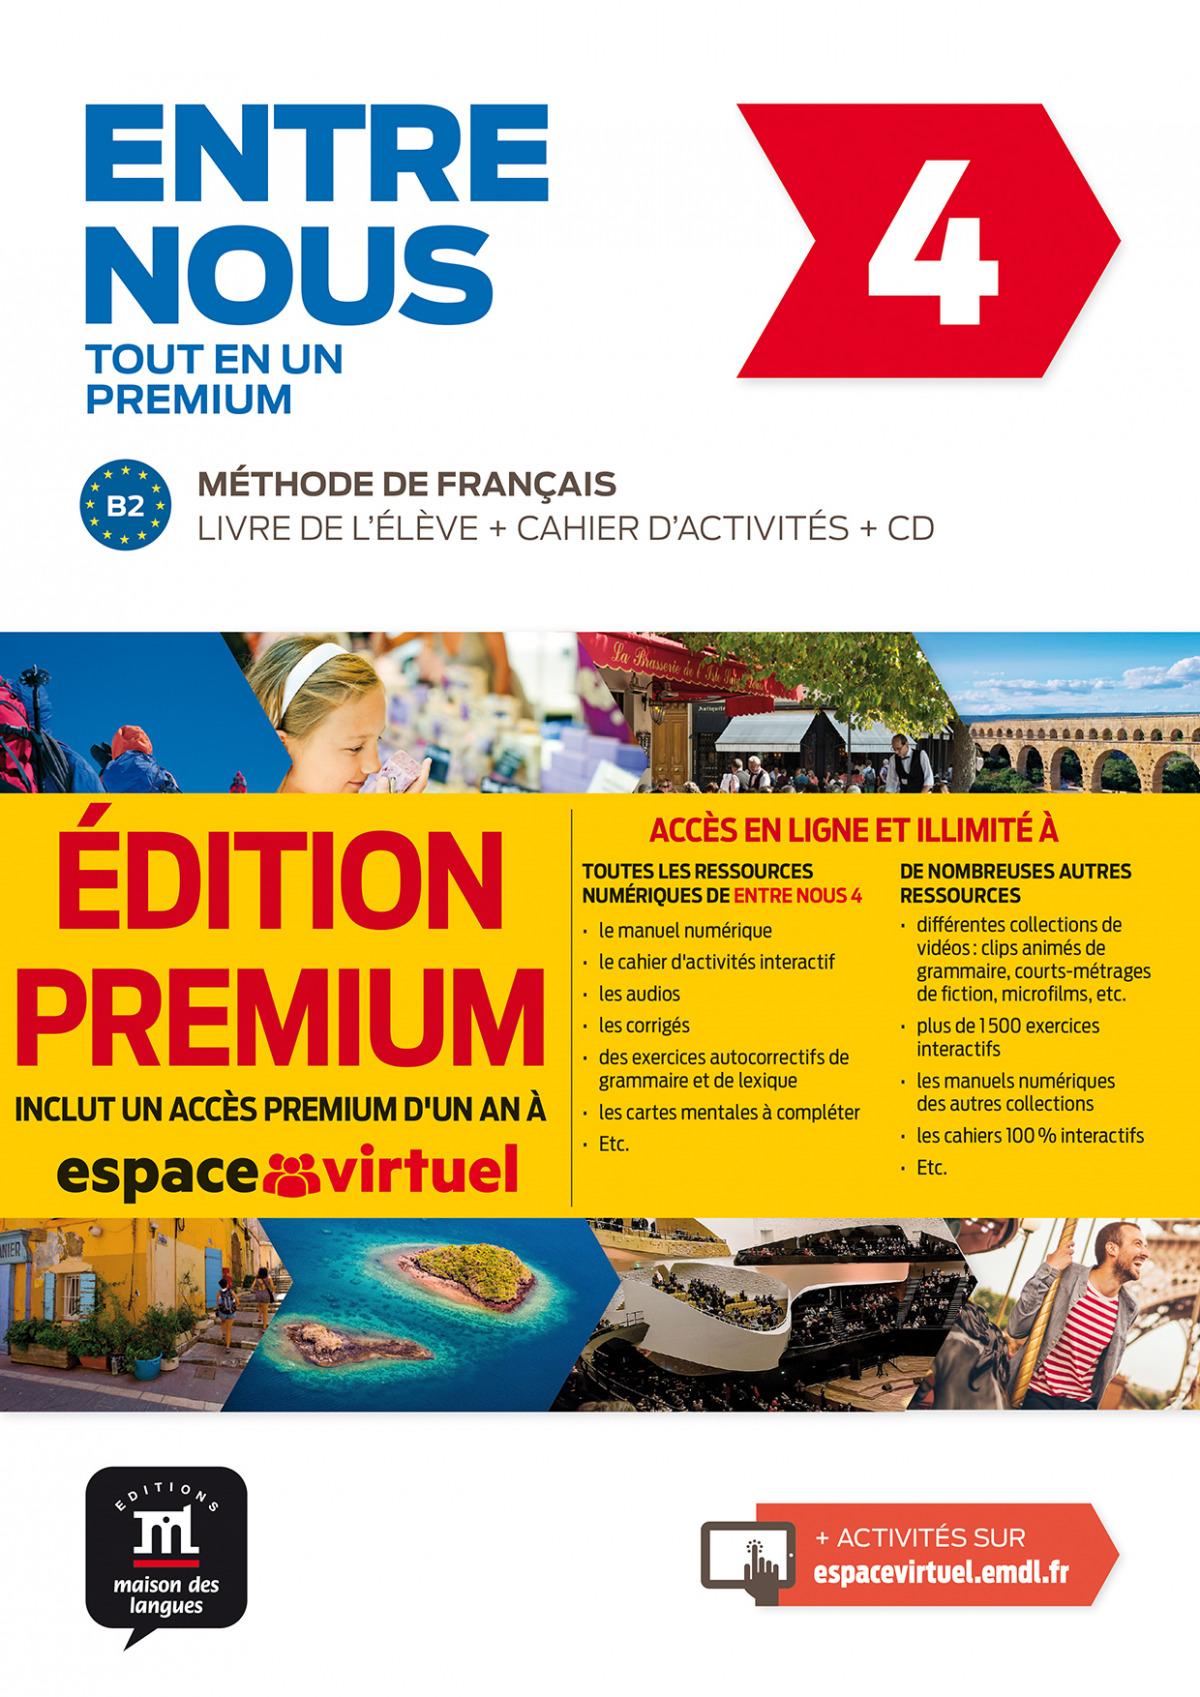 Entre nous Tot en un 4 Premium Livre de lélève + Cahier + CD